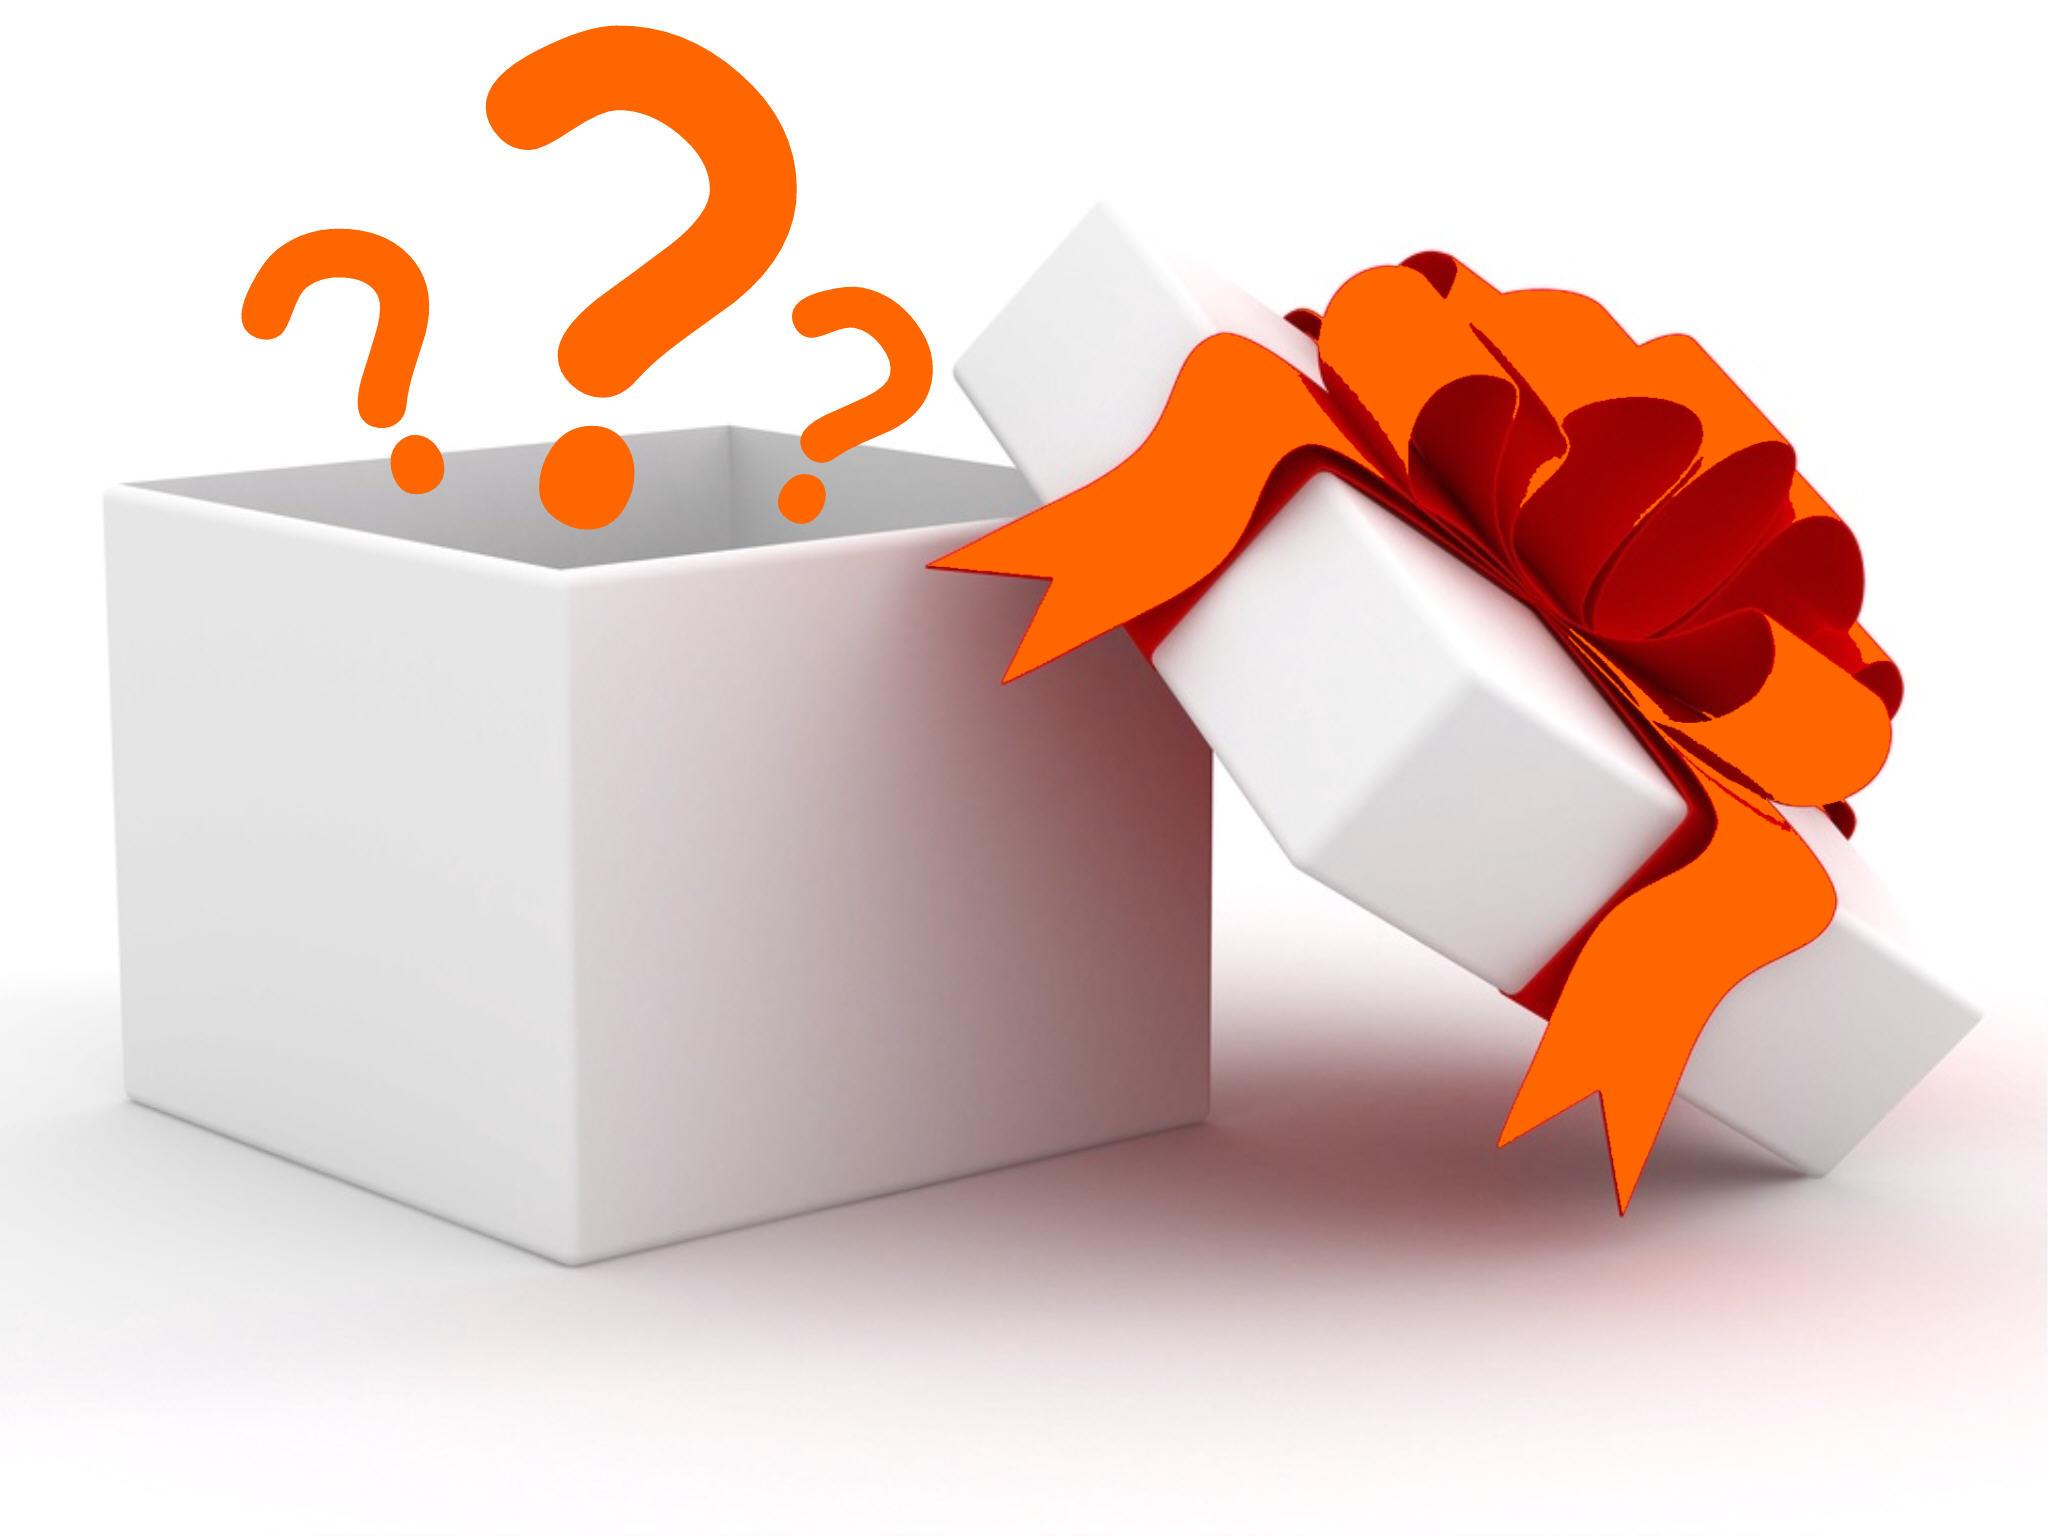 cadeau_pack_d_couverte-1529432042.jpg